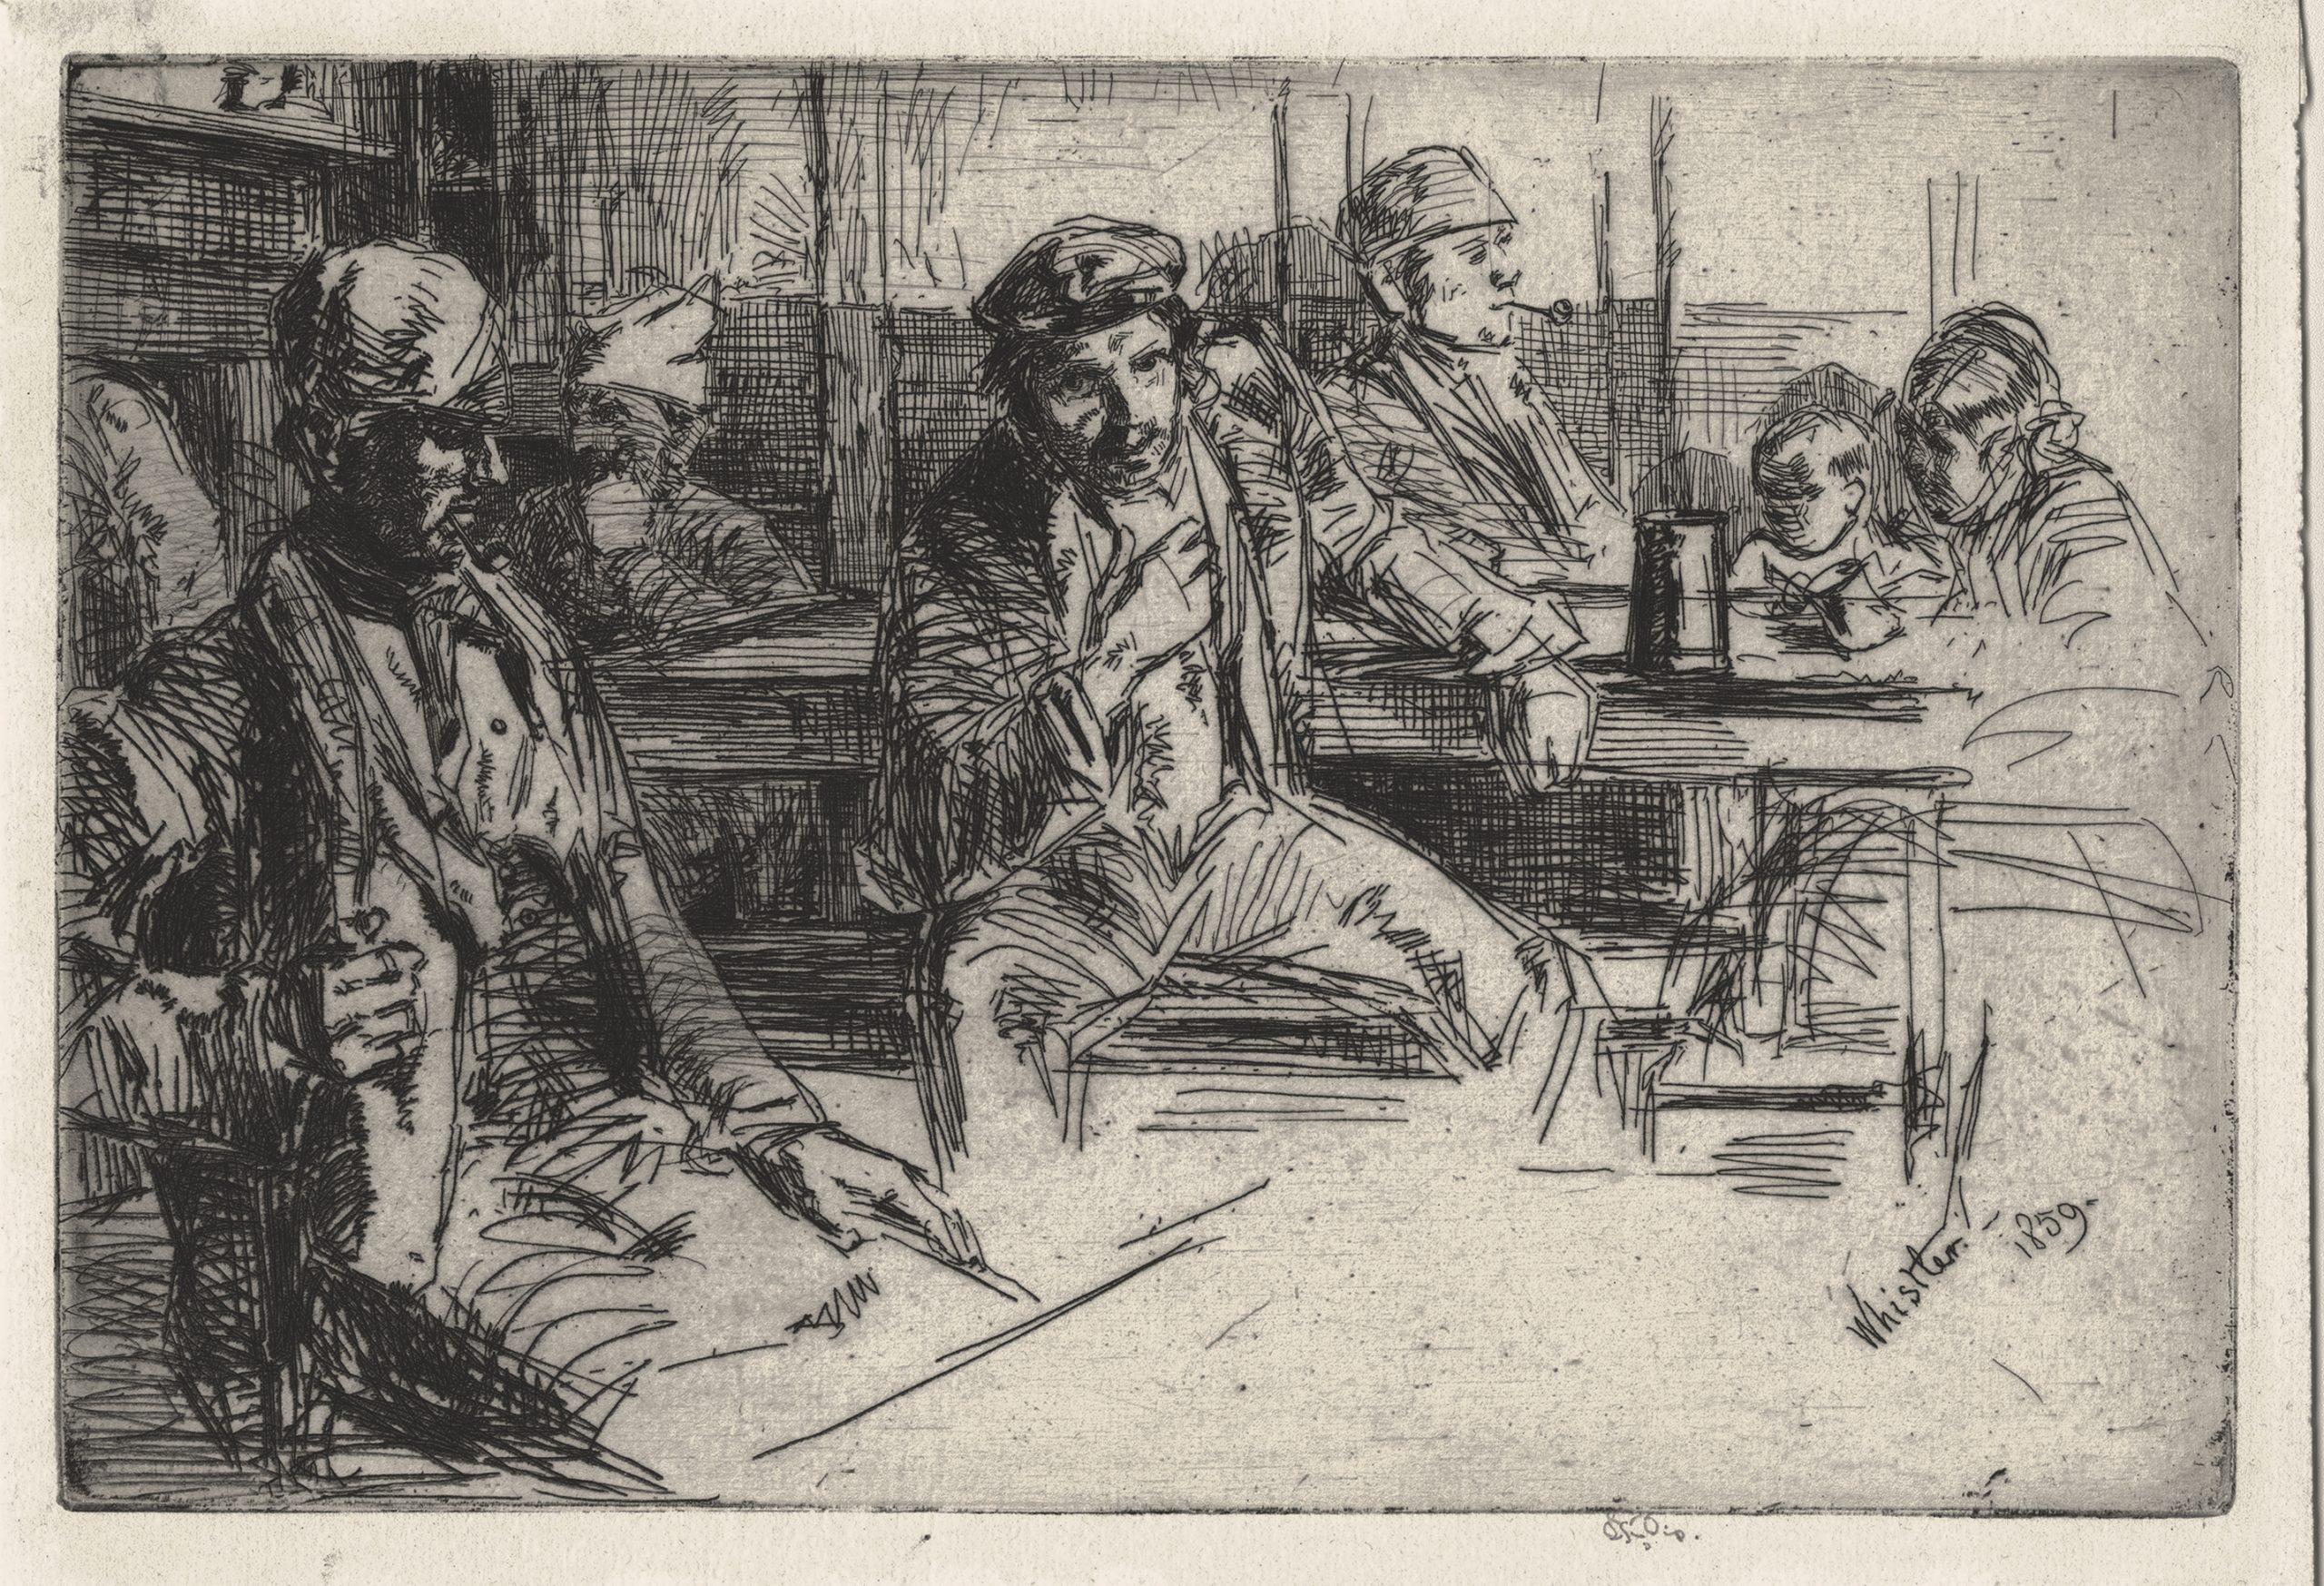 Longshoremen (Longshore Men) by James Abbott McNeill Whistler